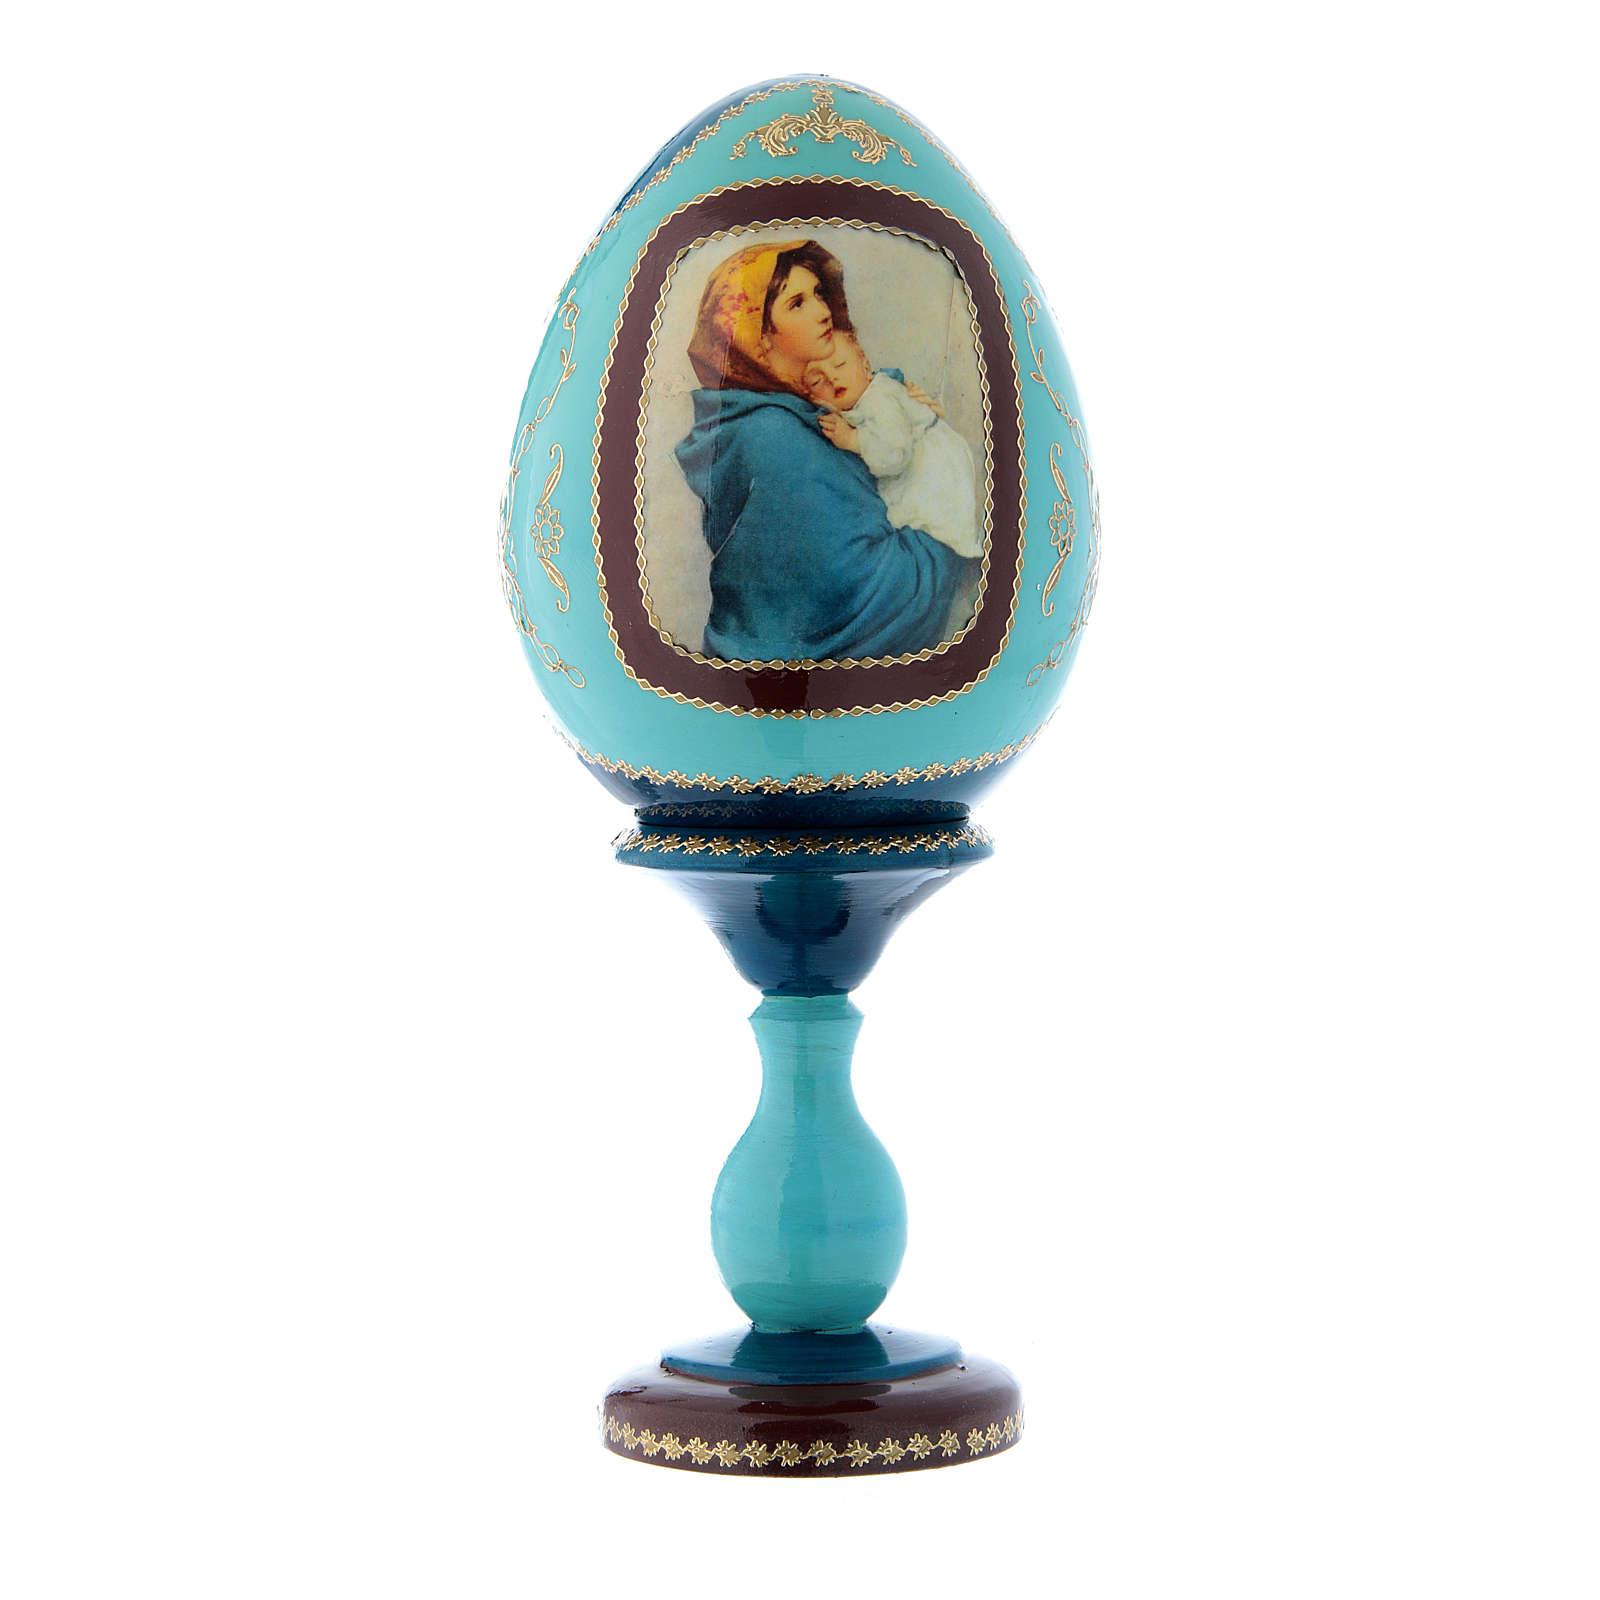 Uovo in legno stile Fabergé russo blu La Madonnina h tot 20 cm 4